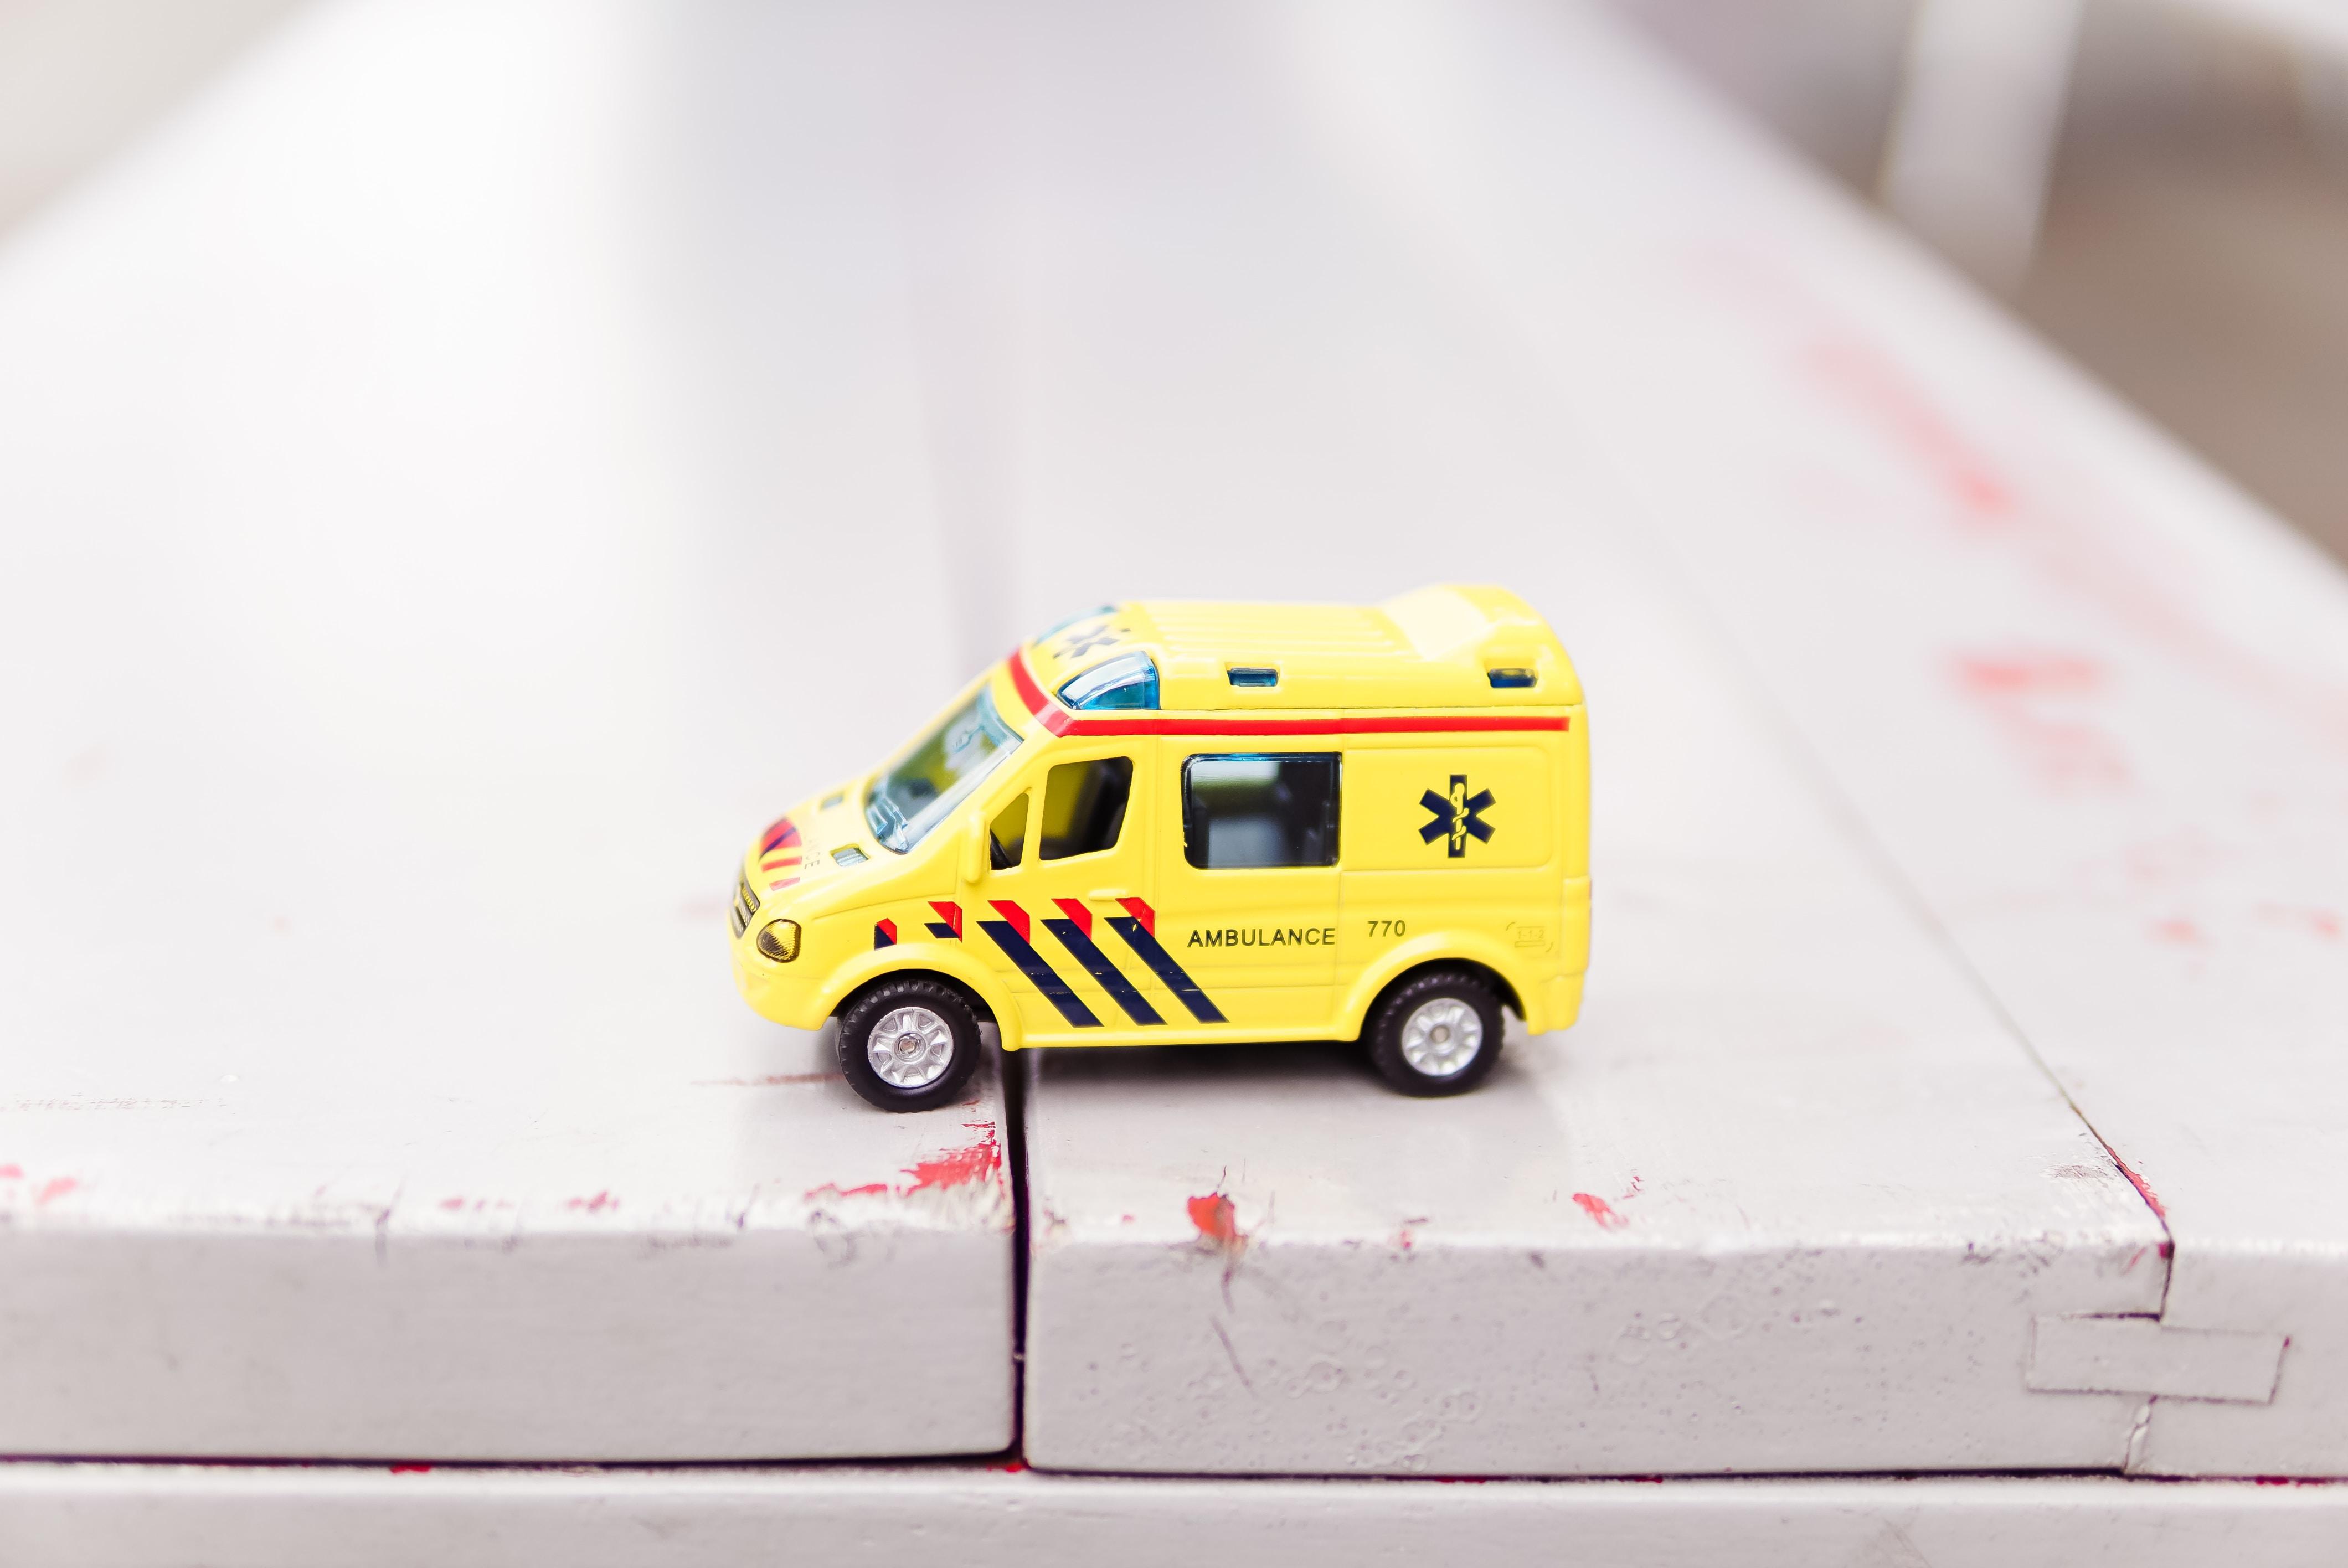 Ambulance toy on white surface